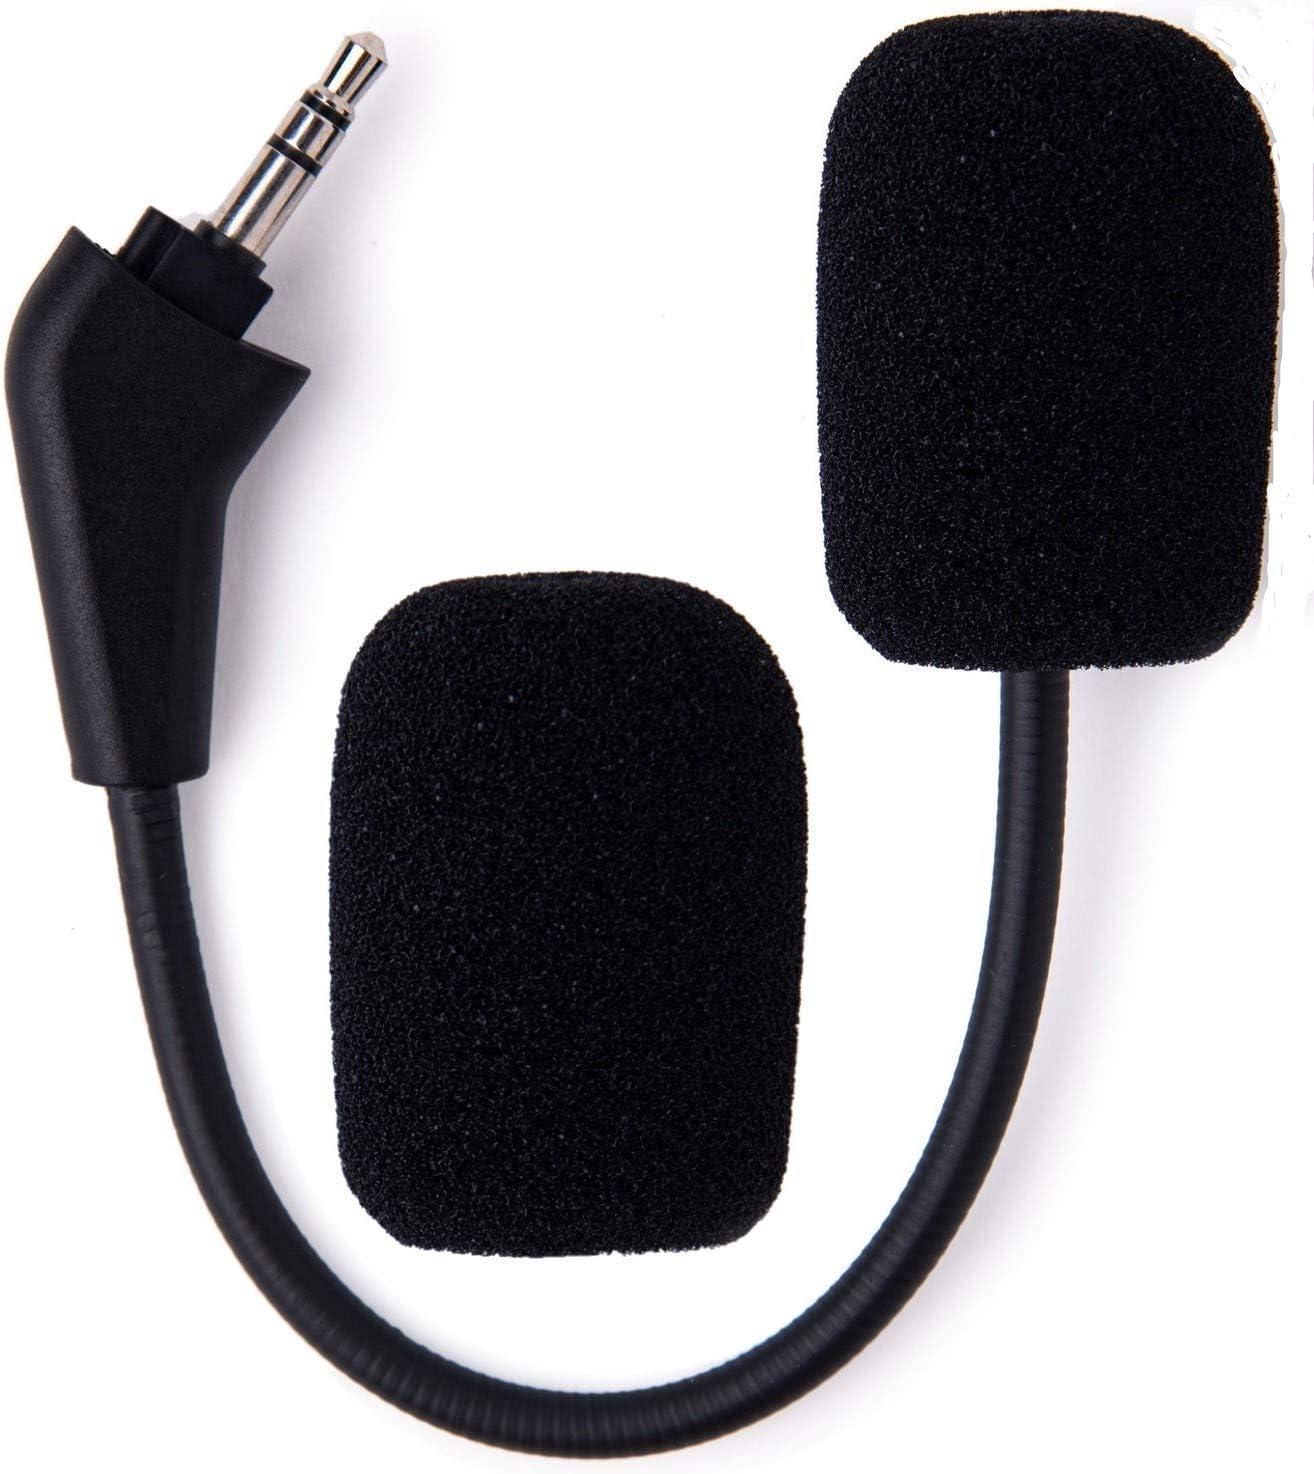 microfono de repuesto para auricular Corsair HS50 HS60 HS70